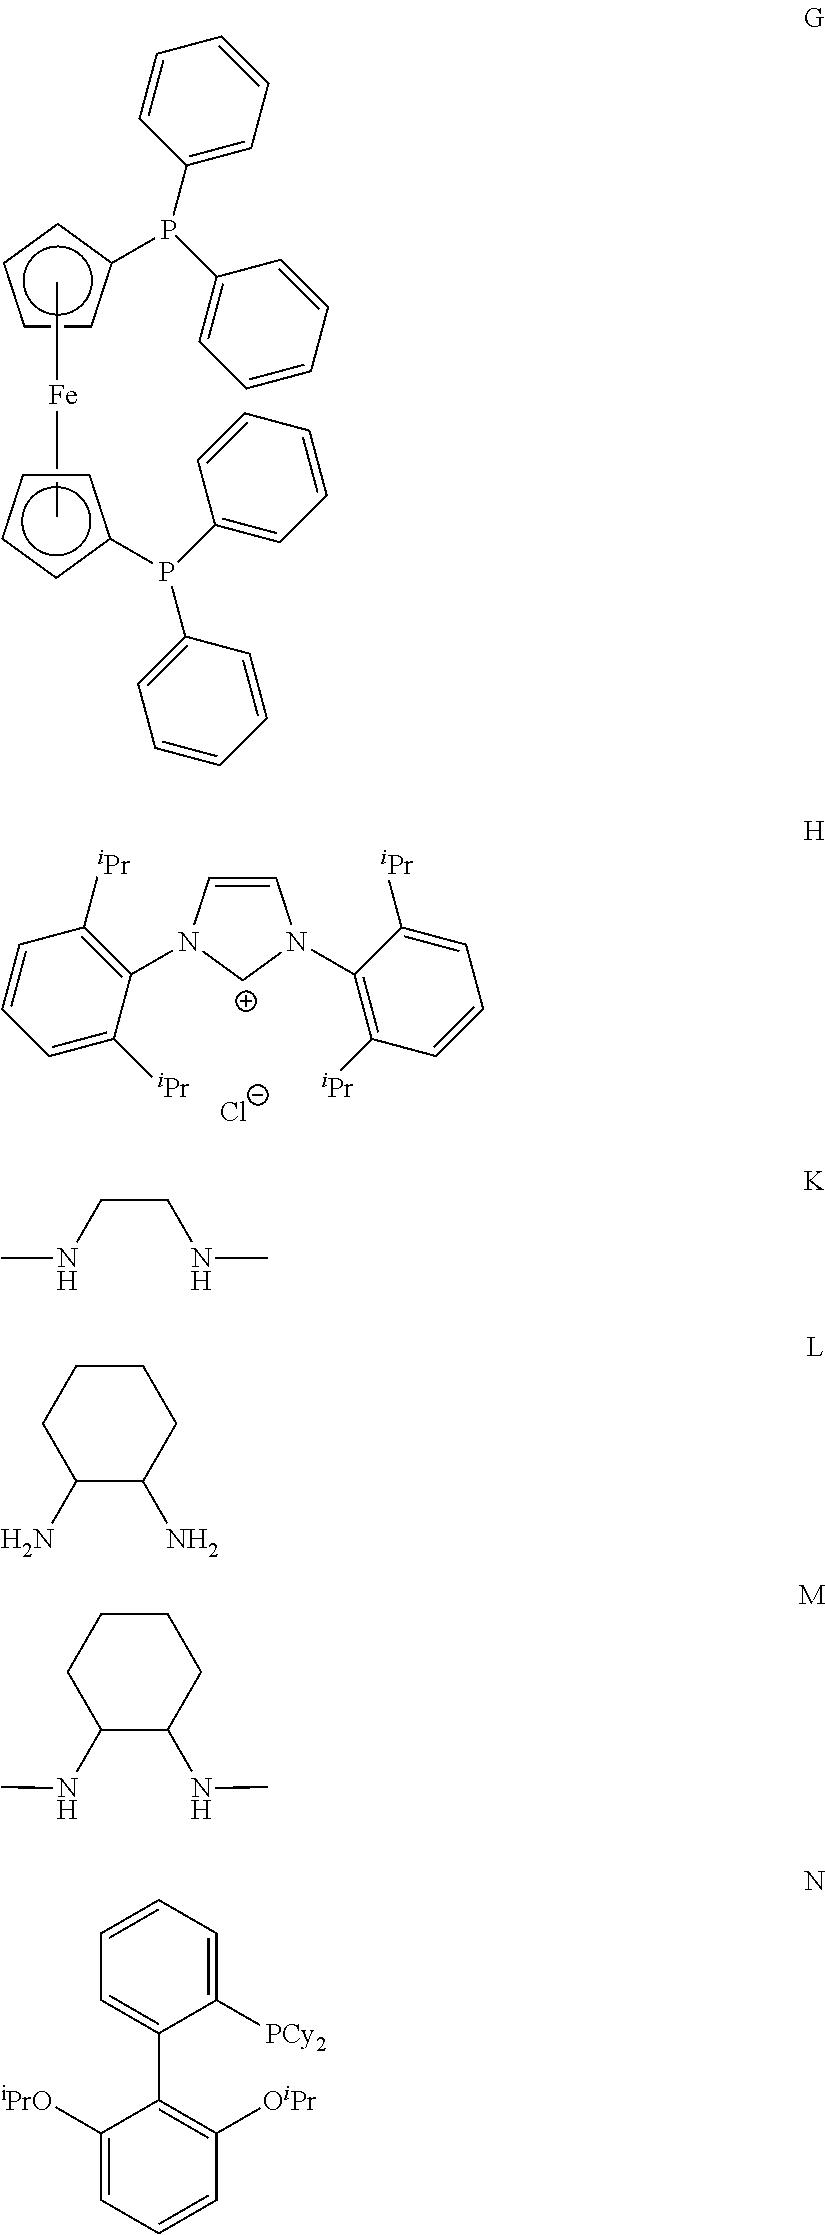 Figure US07709670-20100504-C00019